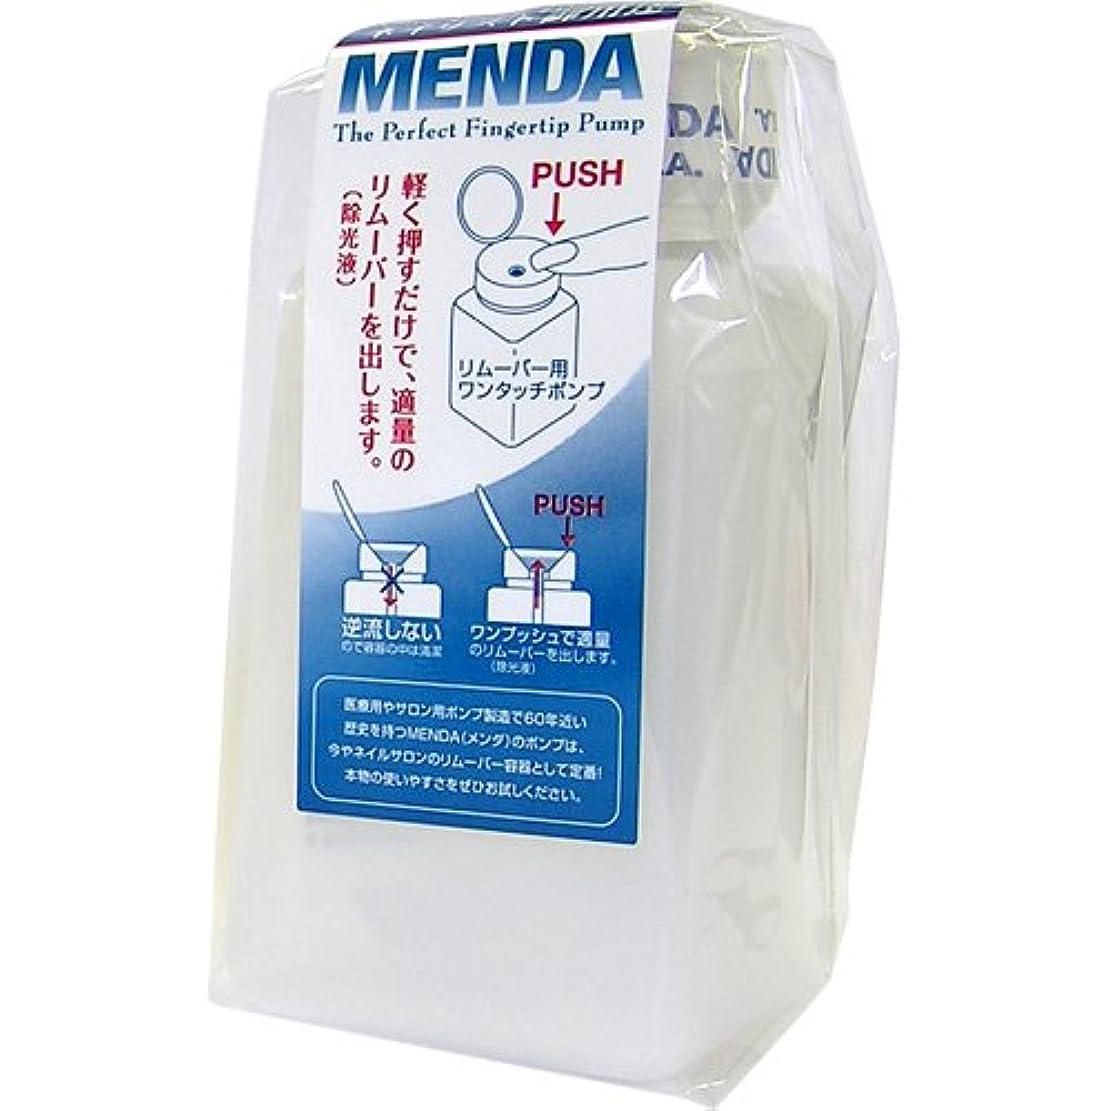 コーヒー株式バーチャルメンダ<MENDA>リムーバー用ワンタッチポンプ180ml(6oz)